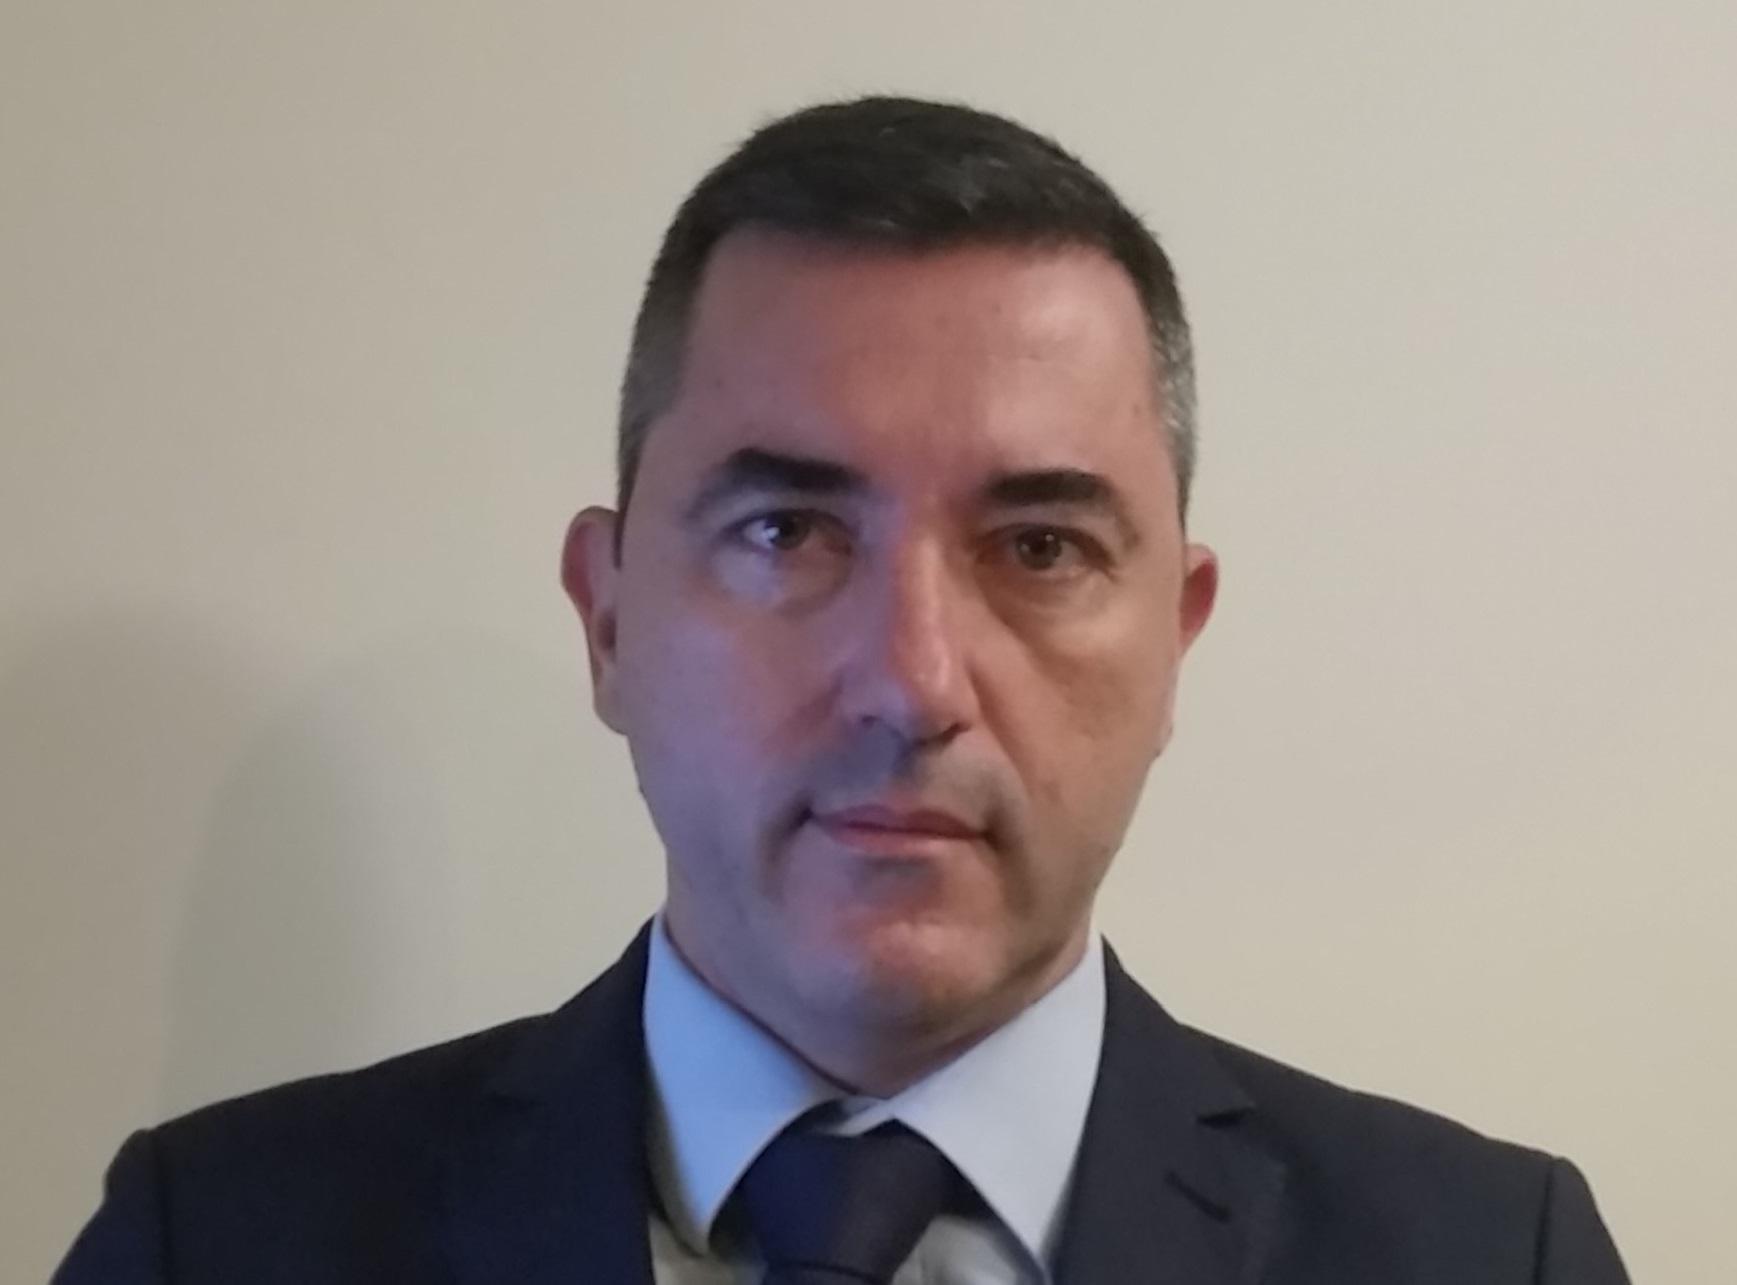 Νέος Γενικός Διευθυντής στην Agfa Healthcare